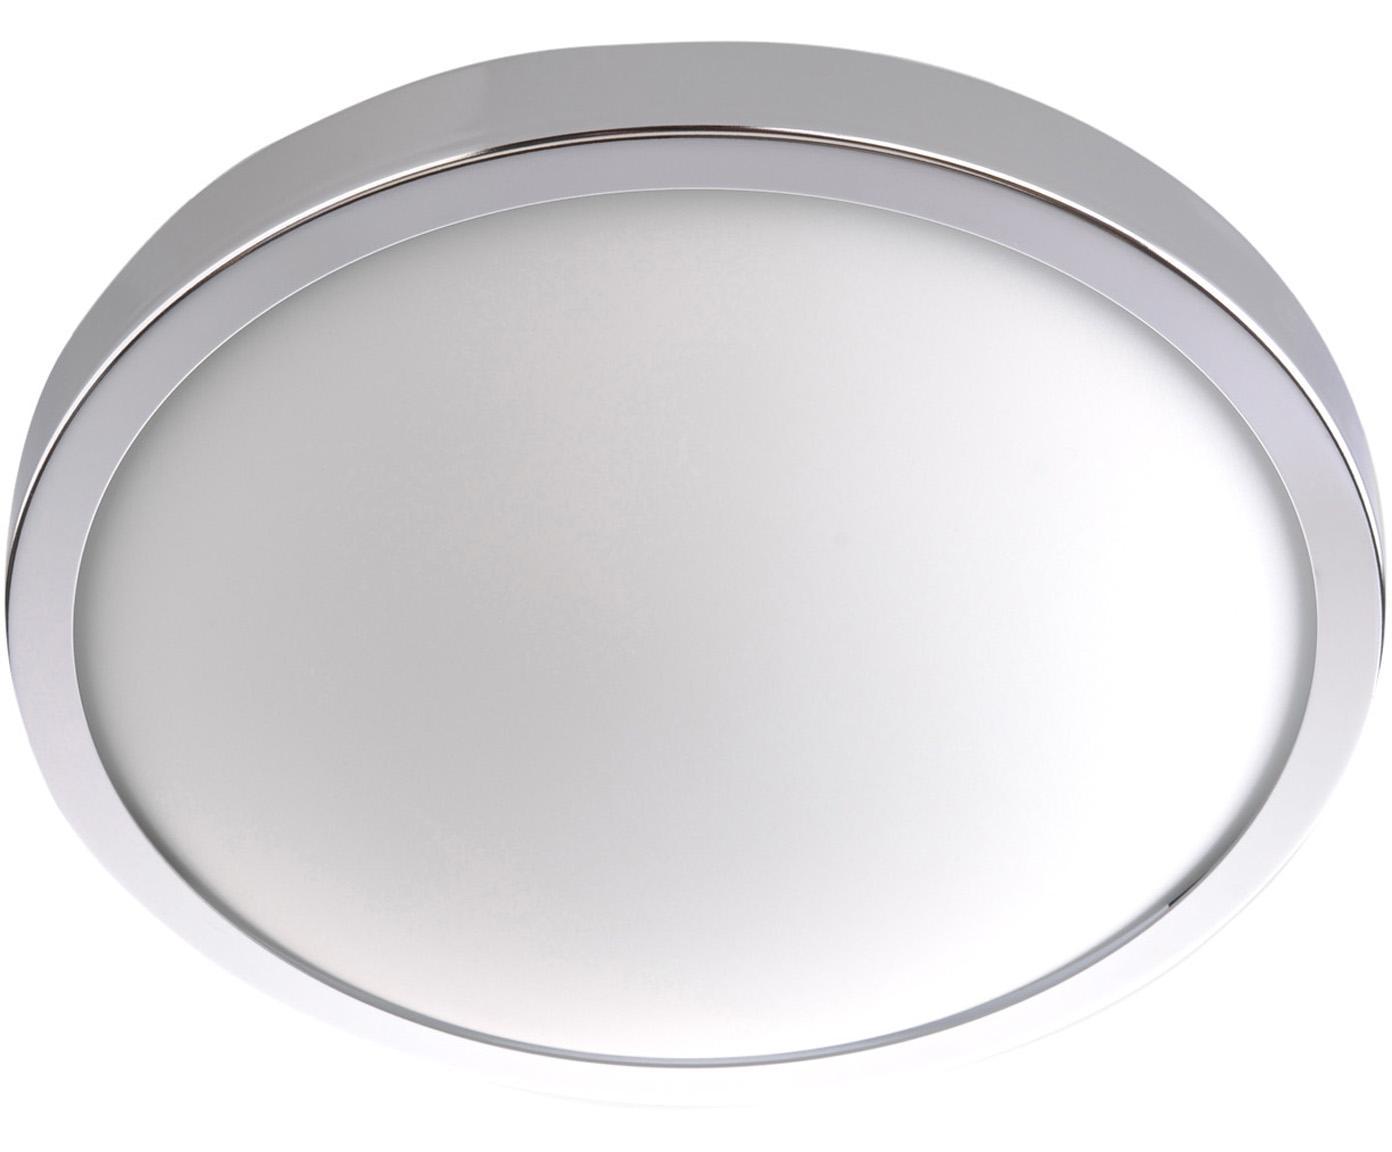 Deckenleuchte Calisto, Rahmen: Stahl, Diffusorscheibe: Glas, Chrom, Weiß, Ø 22 x H 8 cm